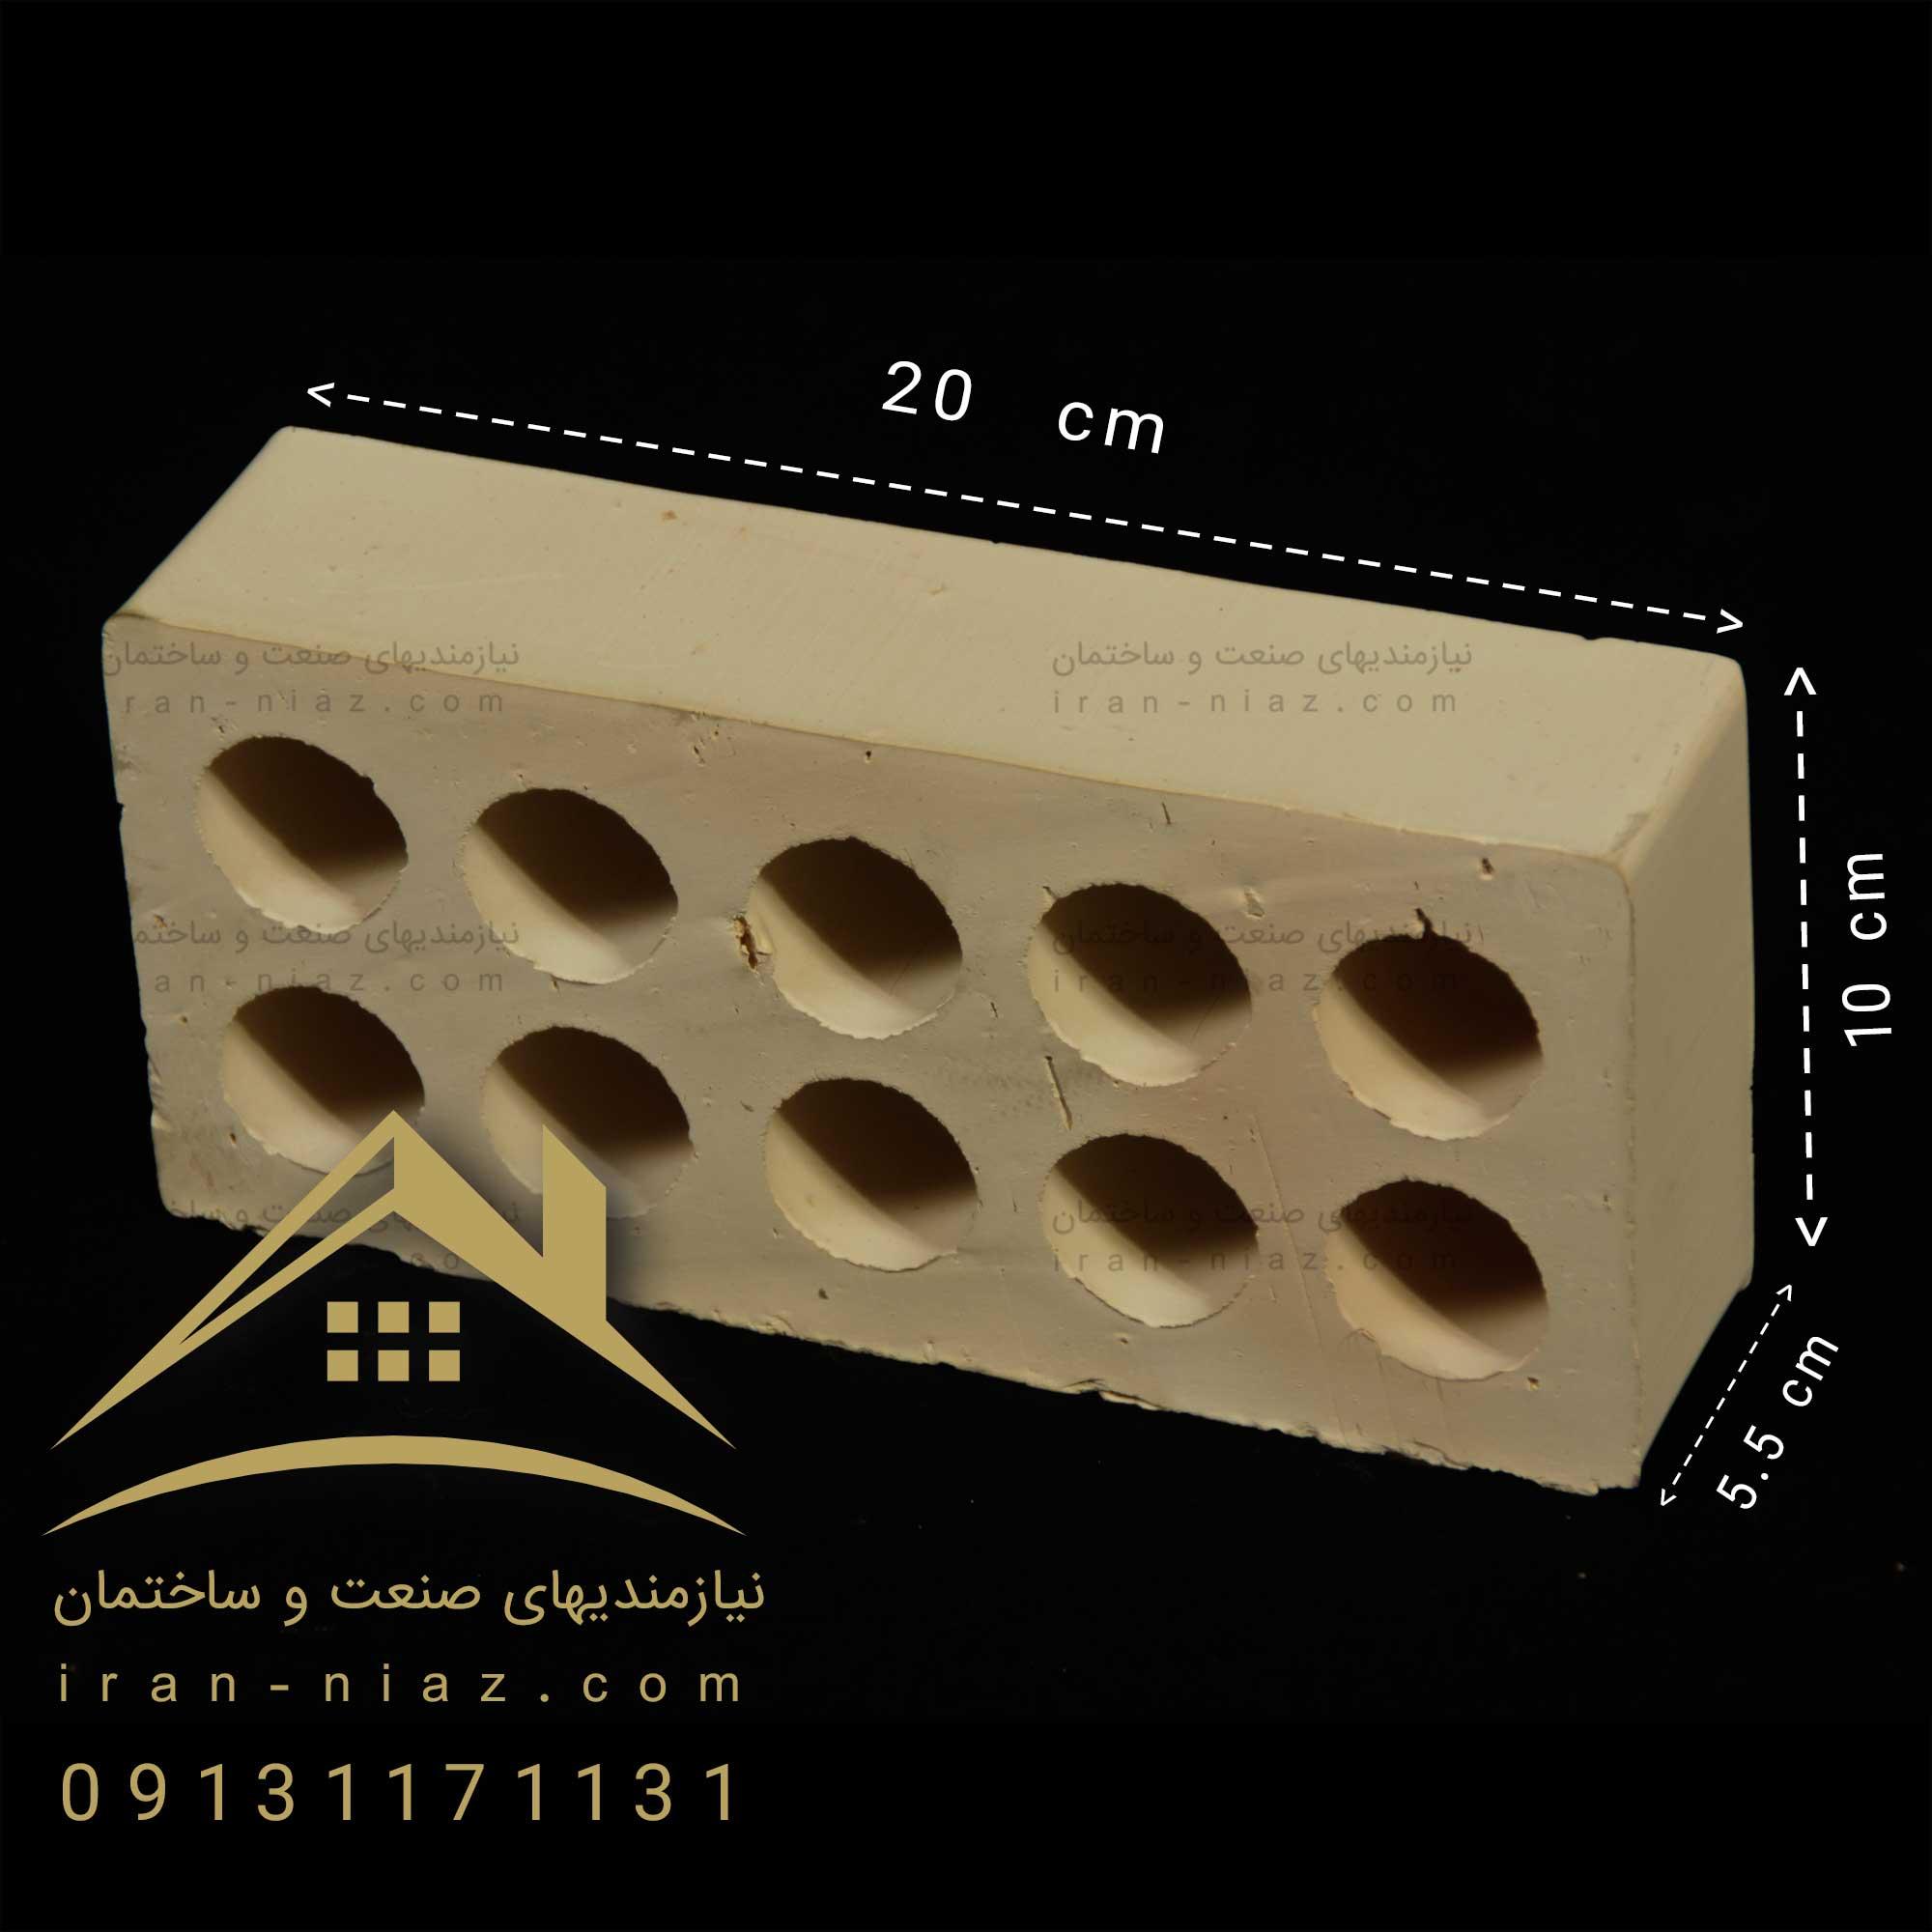 قالب-کوچک-اصفهان-فتاحی20-10-5-5